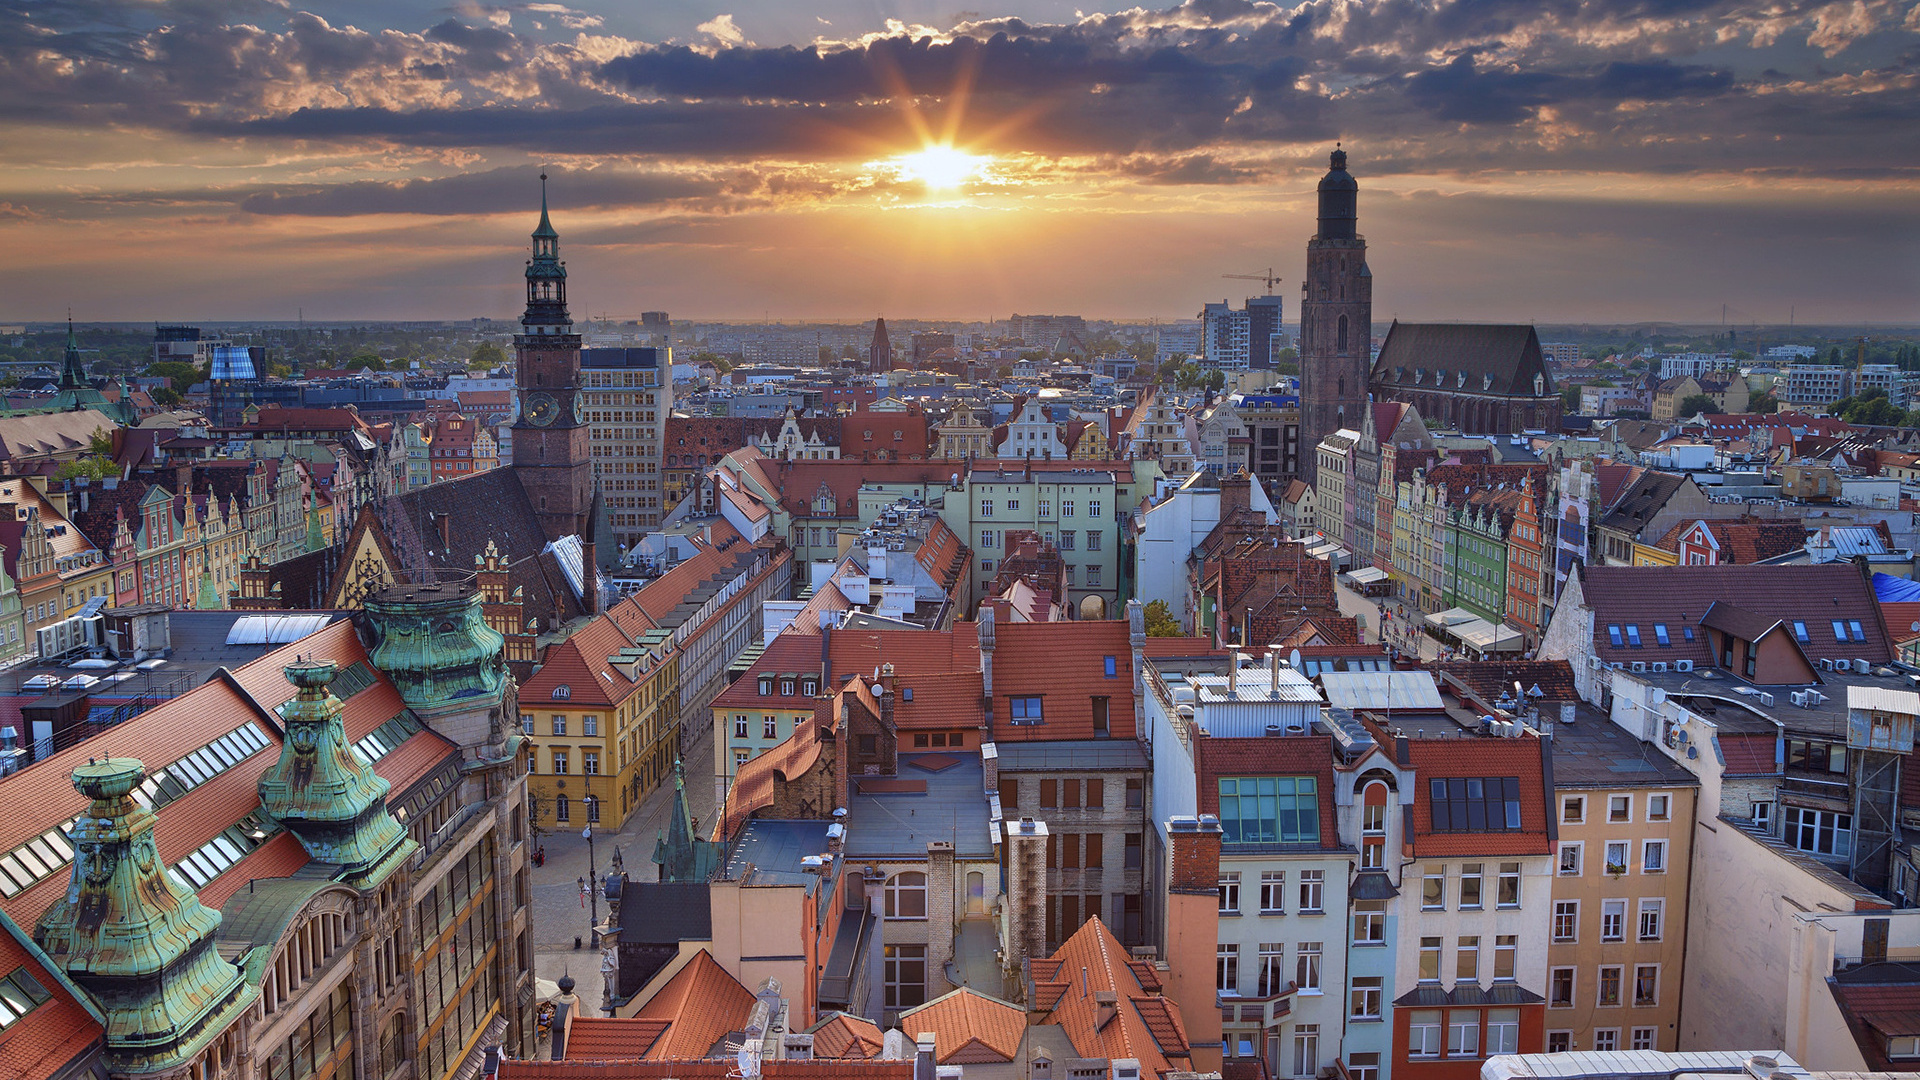 Польша г вроцлав фотографии